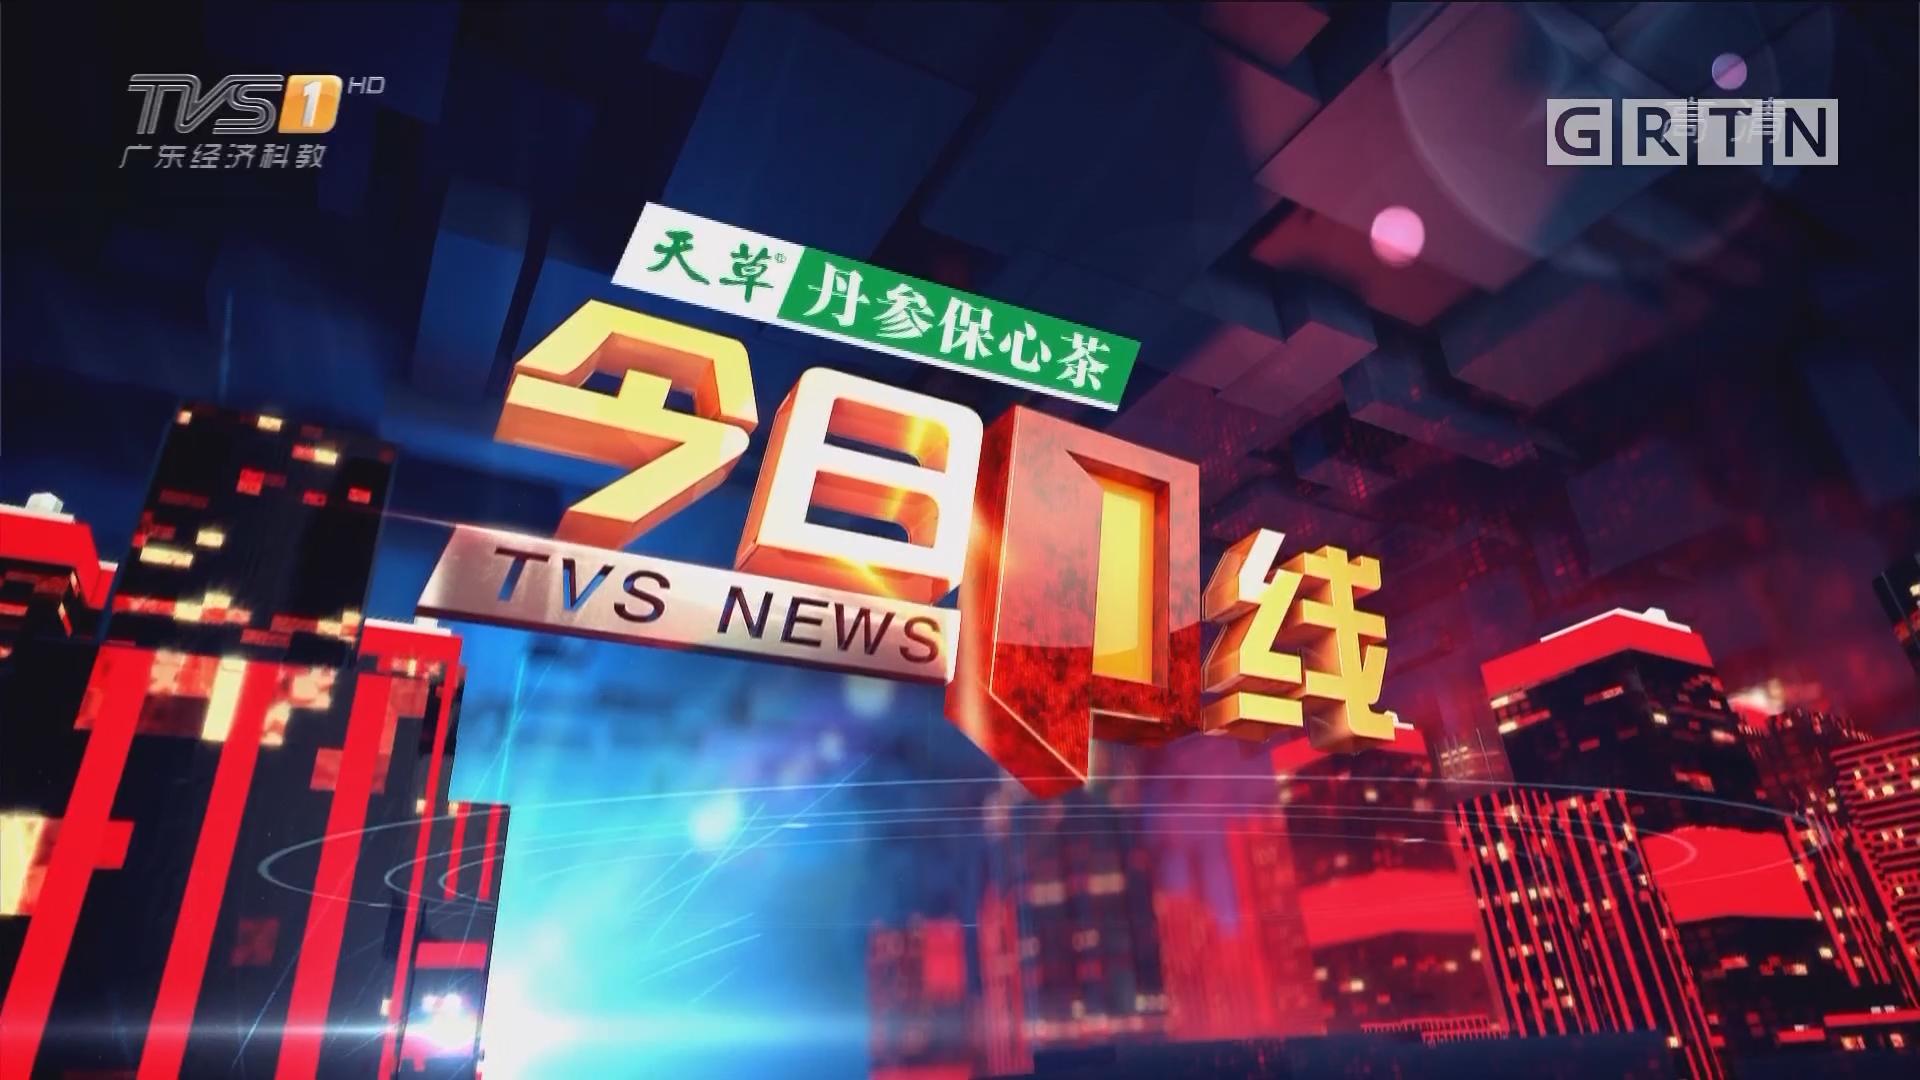 [HD][2018-12-09]今日一线:2018广州马拉松:史上最冷广马 3万名选手热情开跑